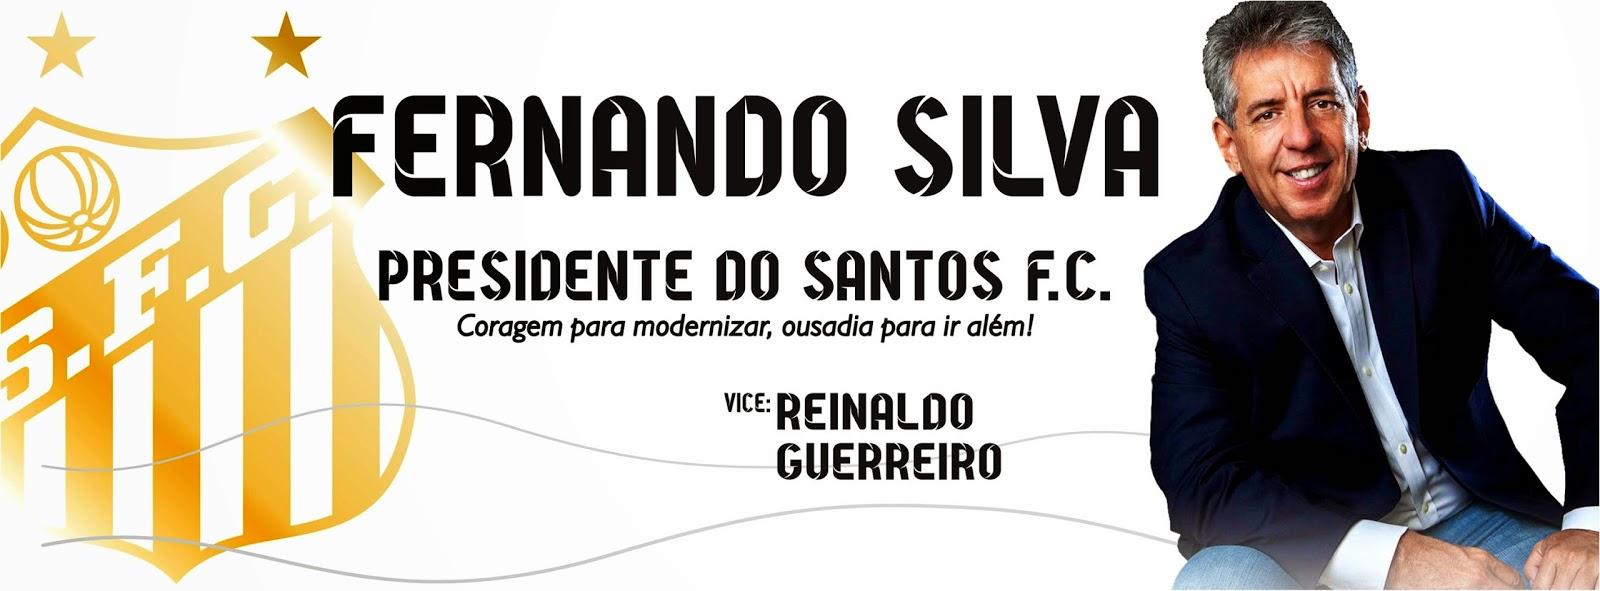 100b6ee475b41 Fernando Silva fez parte da equipe de gestão de Laor nos anos de 2010 e  2011 e encabeça a chapa Mar Branco.